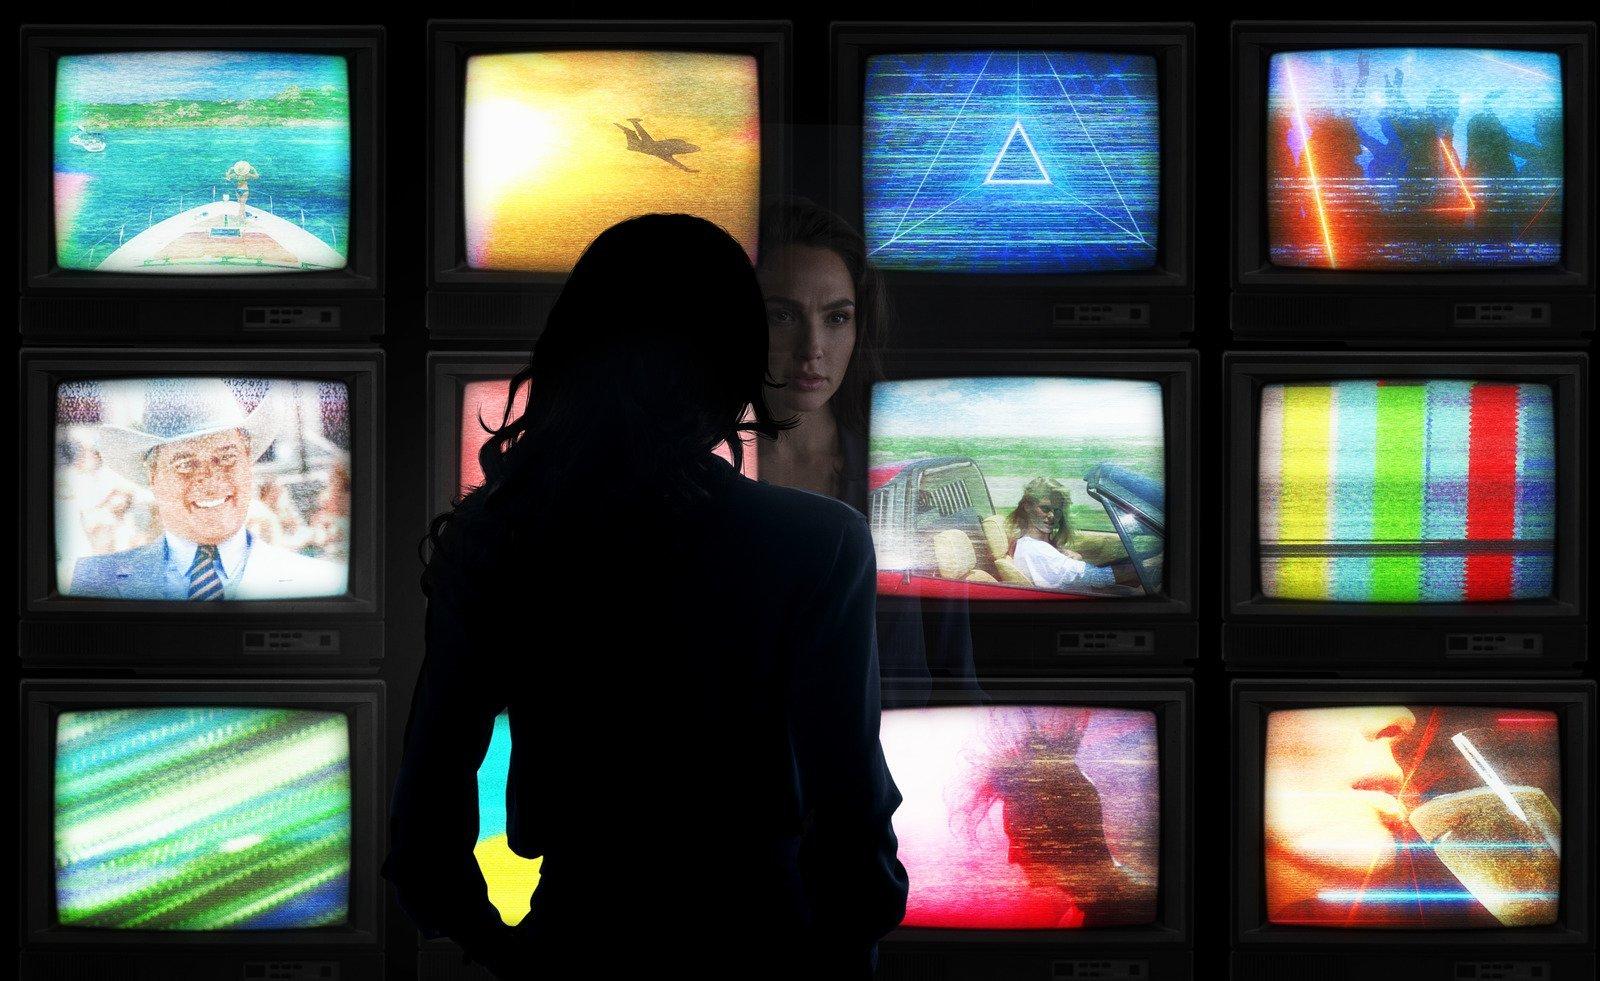 Wonder Woman 1984 není pokračování, ale zcela nový film | Fandíme filmu